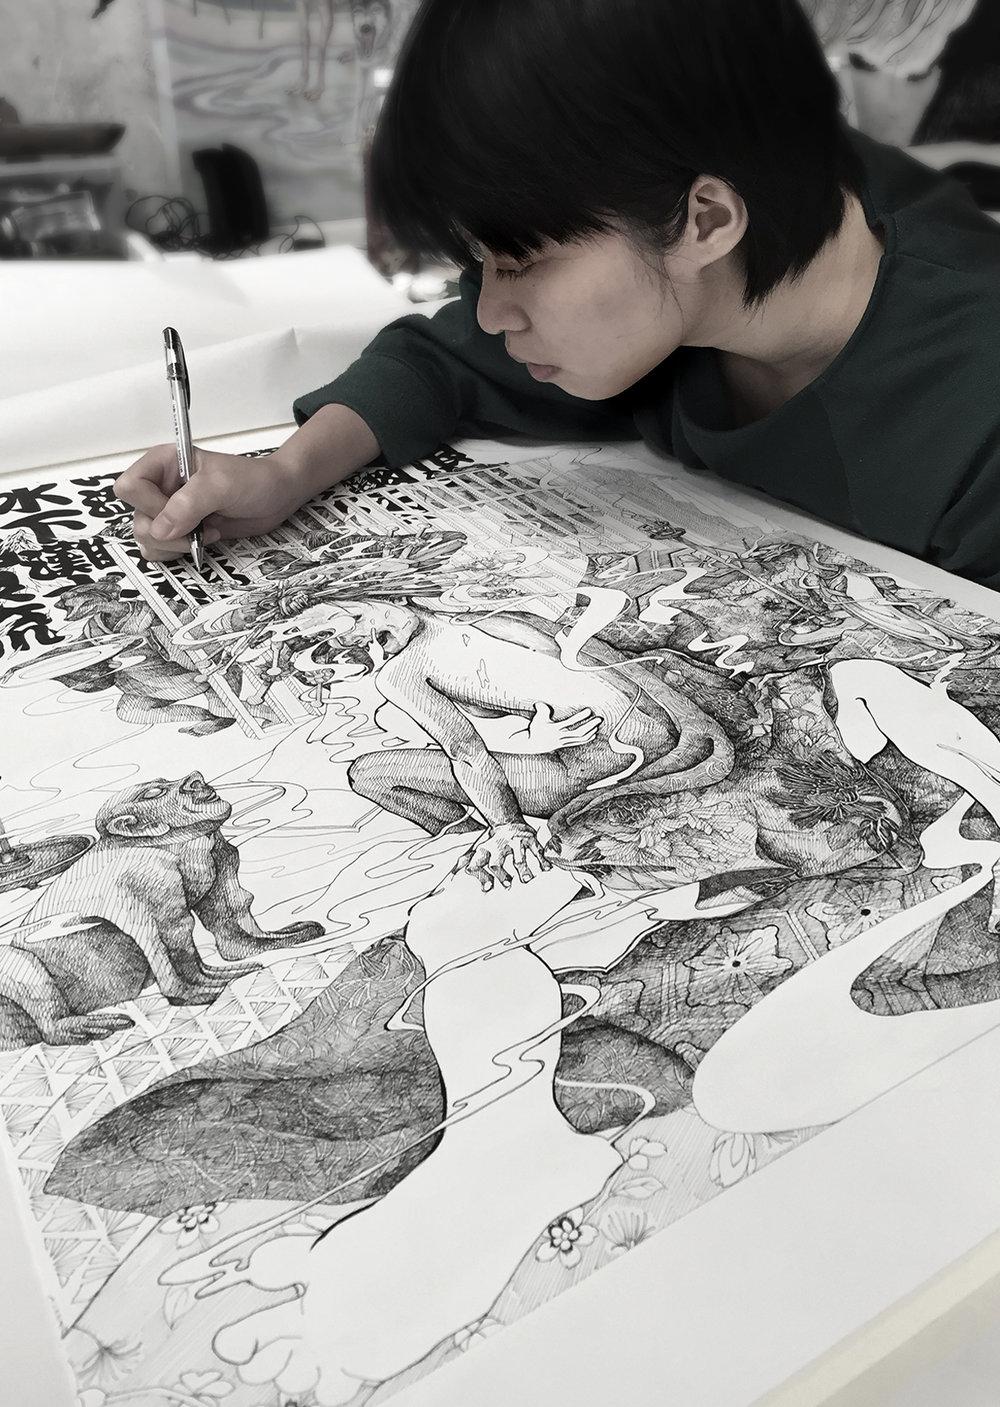 热爱画画的Yashin,习惯面对巨大的纸张,把脑海中的画面一笔不漏地勾勒出来,精密而准确如电绘一般!